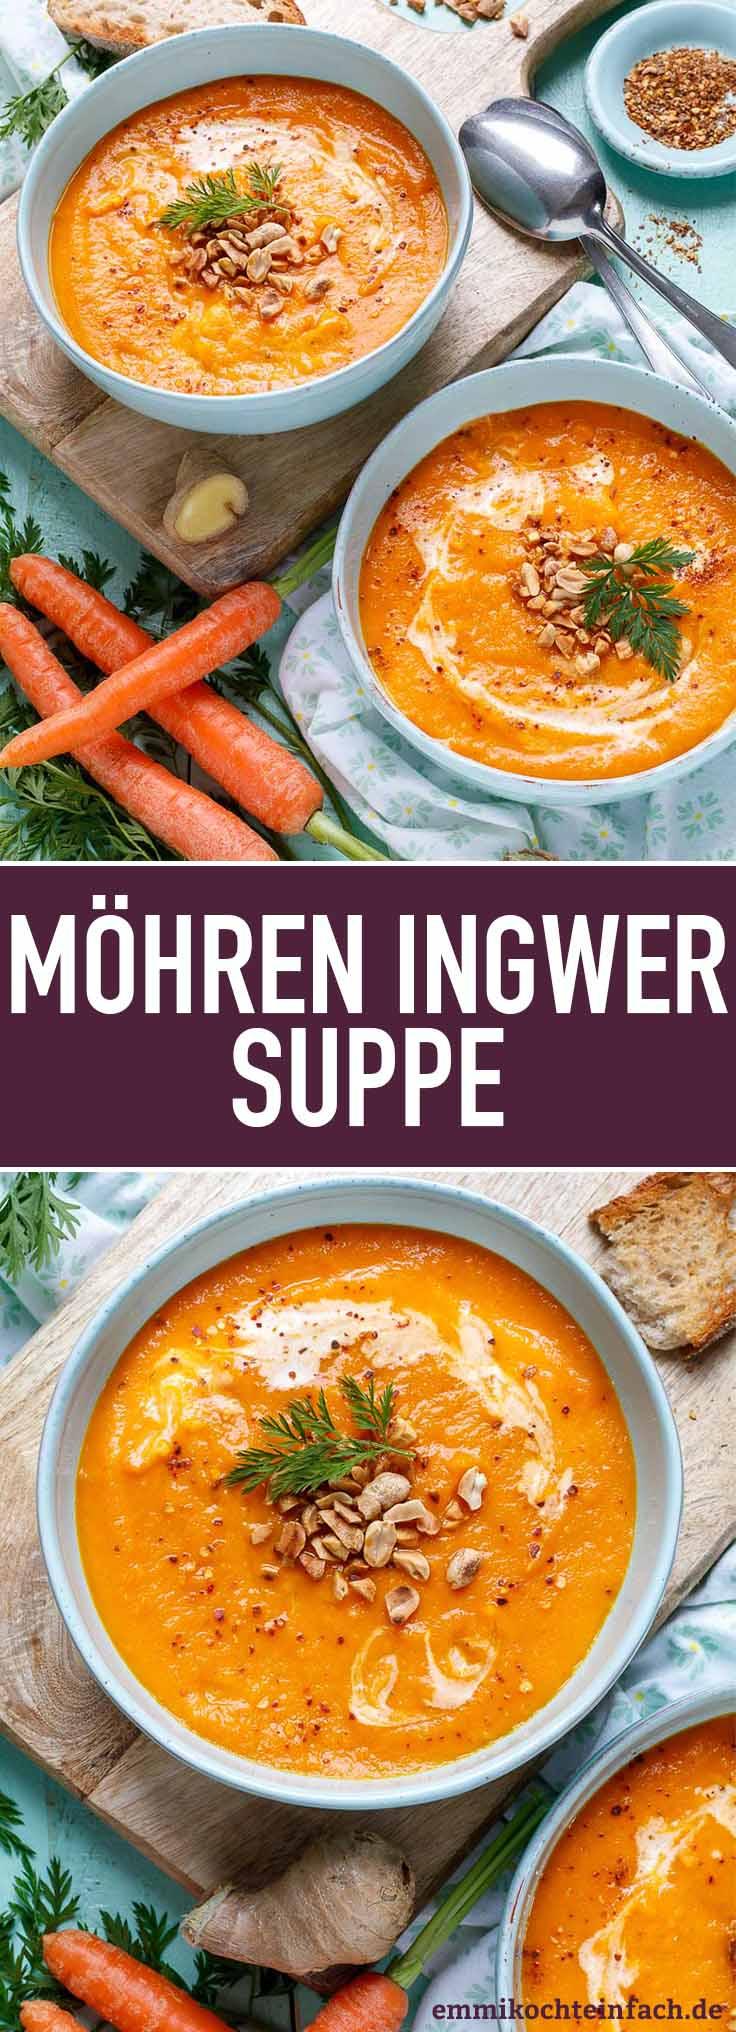 Möhren Ingwer Suppe ganz einfach - www.emmikochteinfach.de